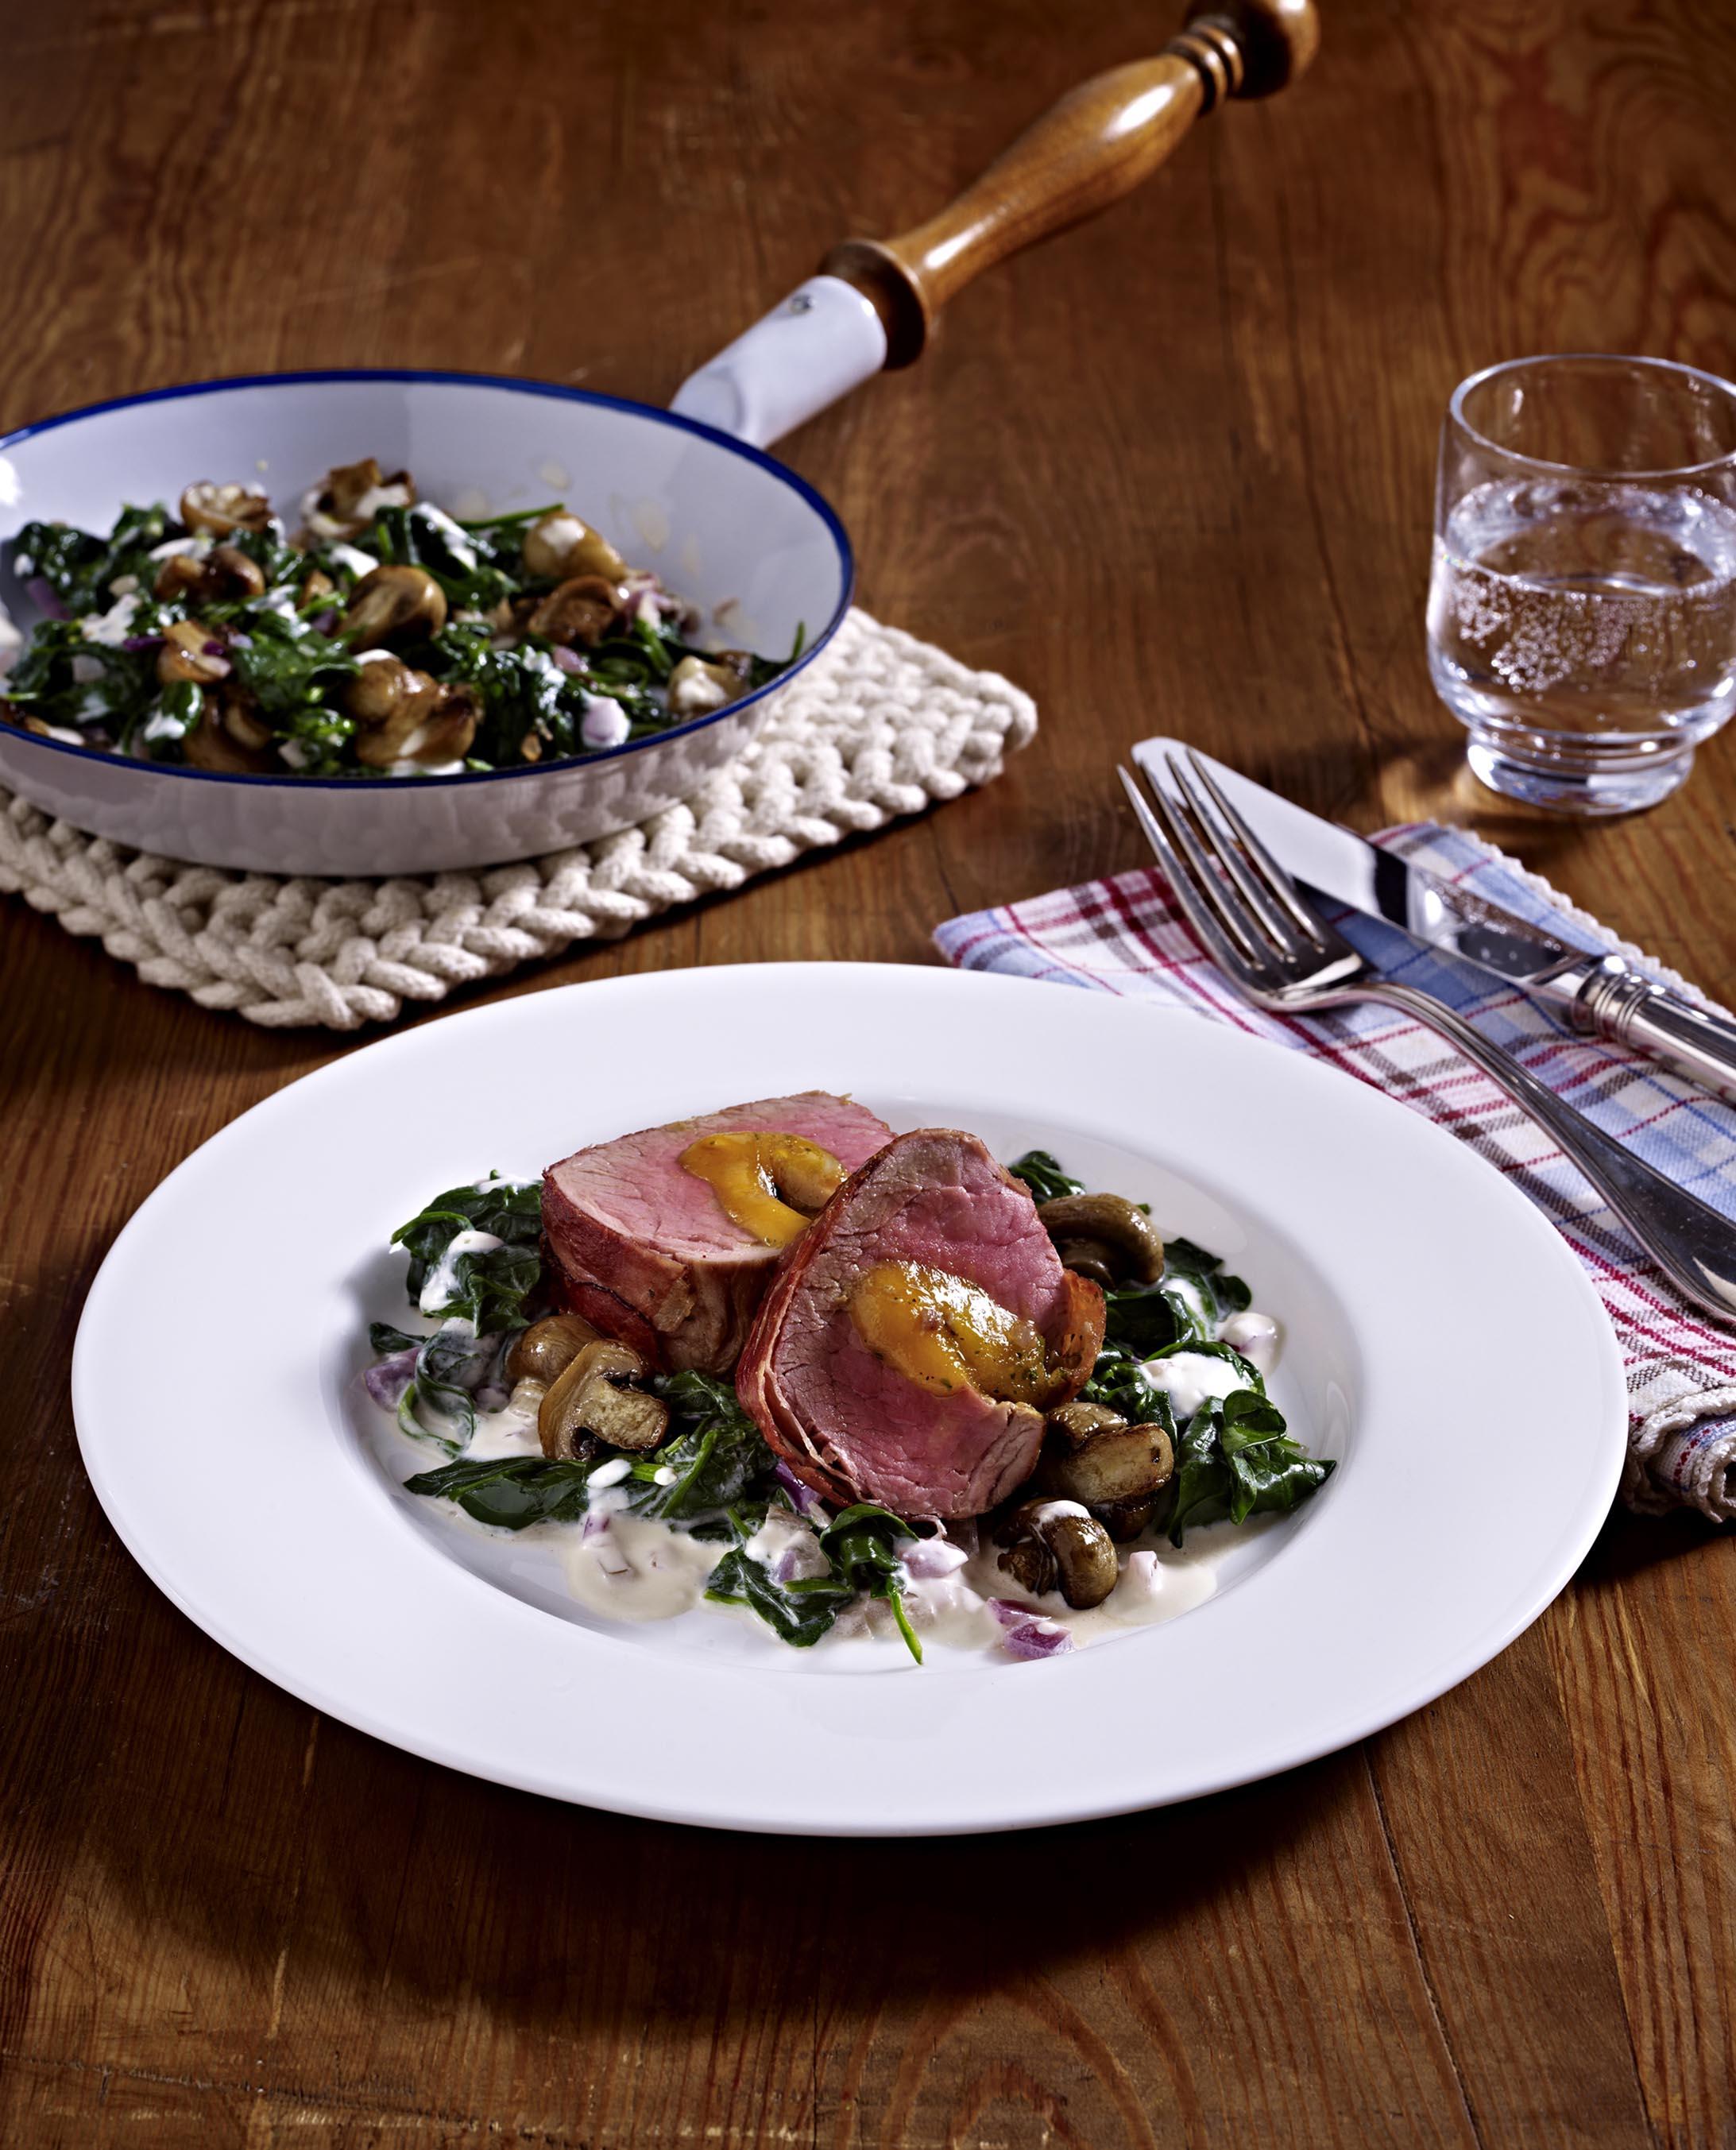 Gevulde varkensfilet met spinazie